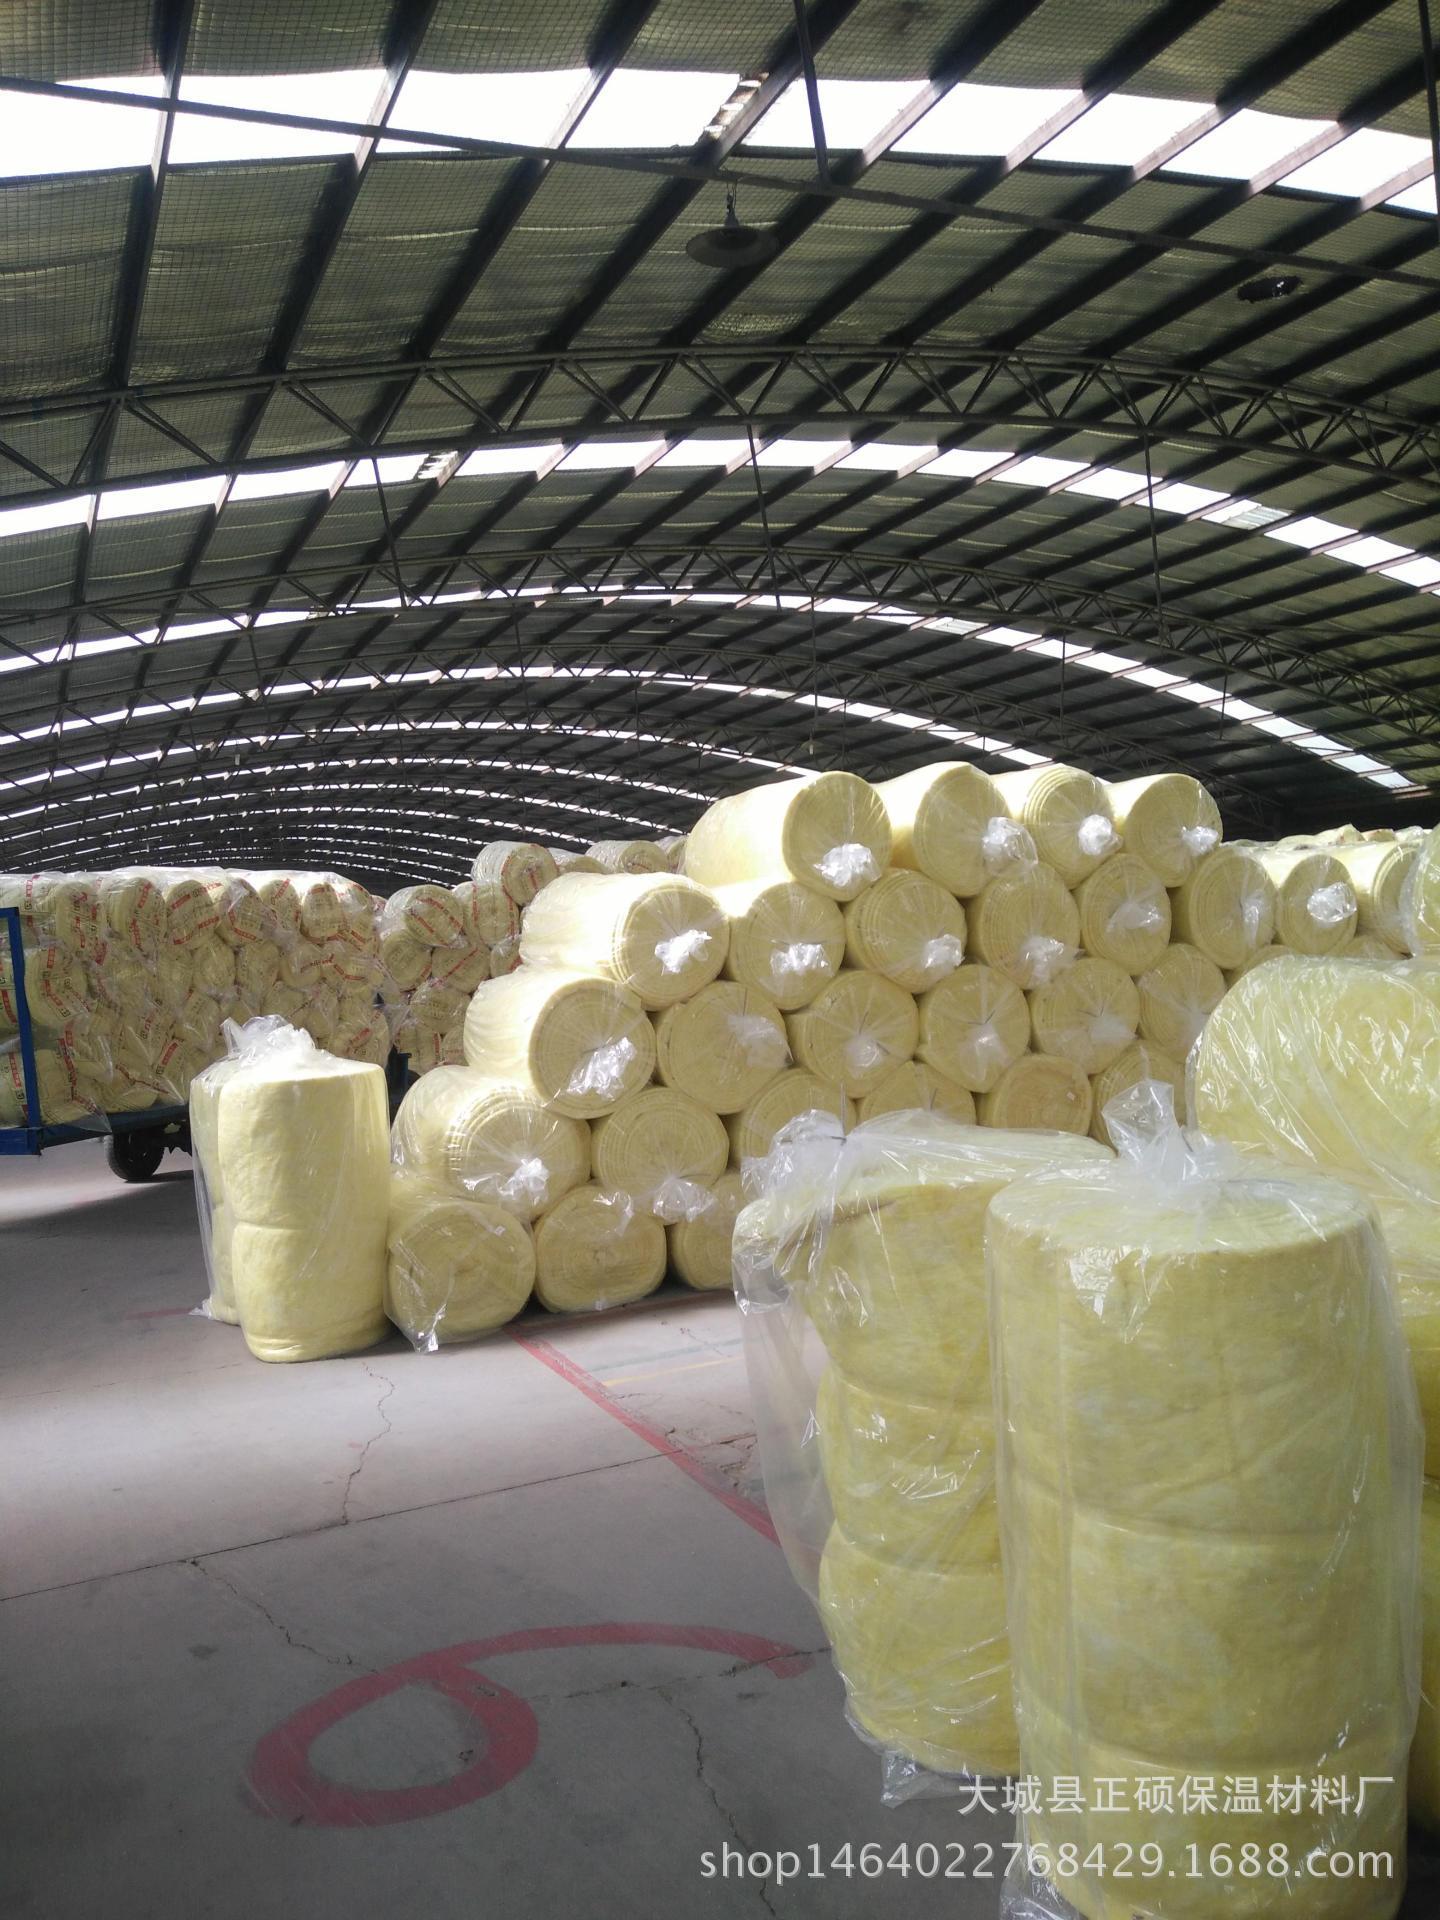 阳光房屋顶隔热保温棉玻璃棉卷毡  玻璃纤维棉岩棉 超细玻璃棉毡